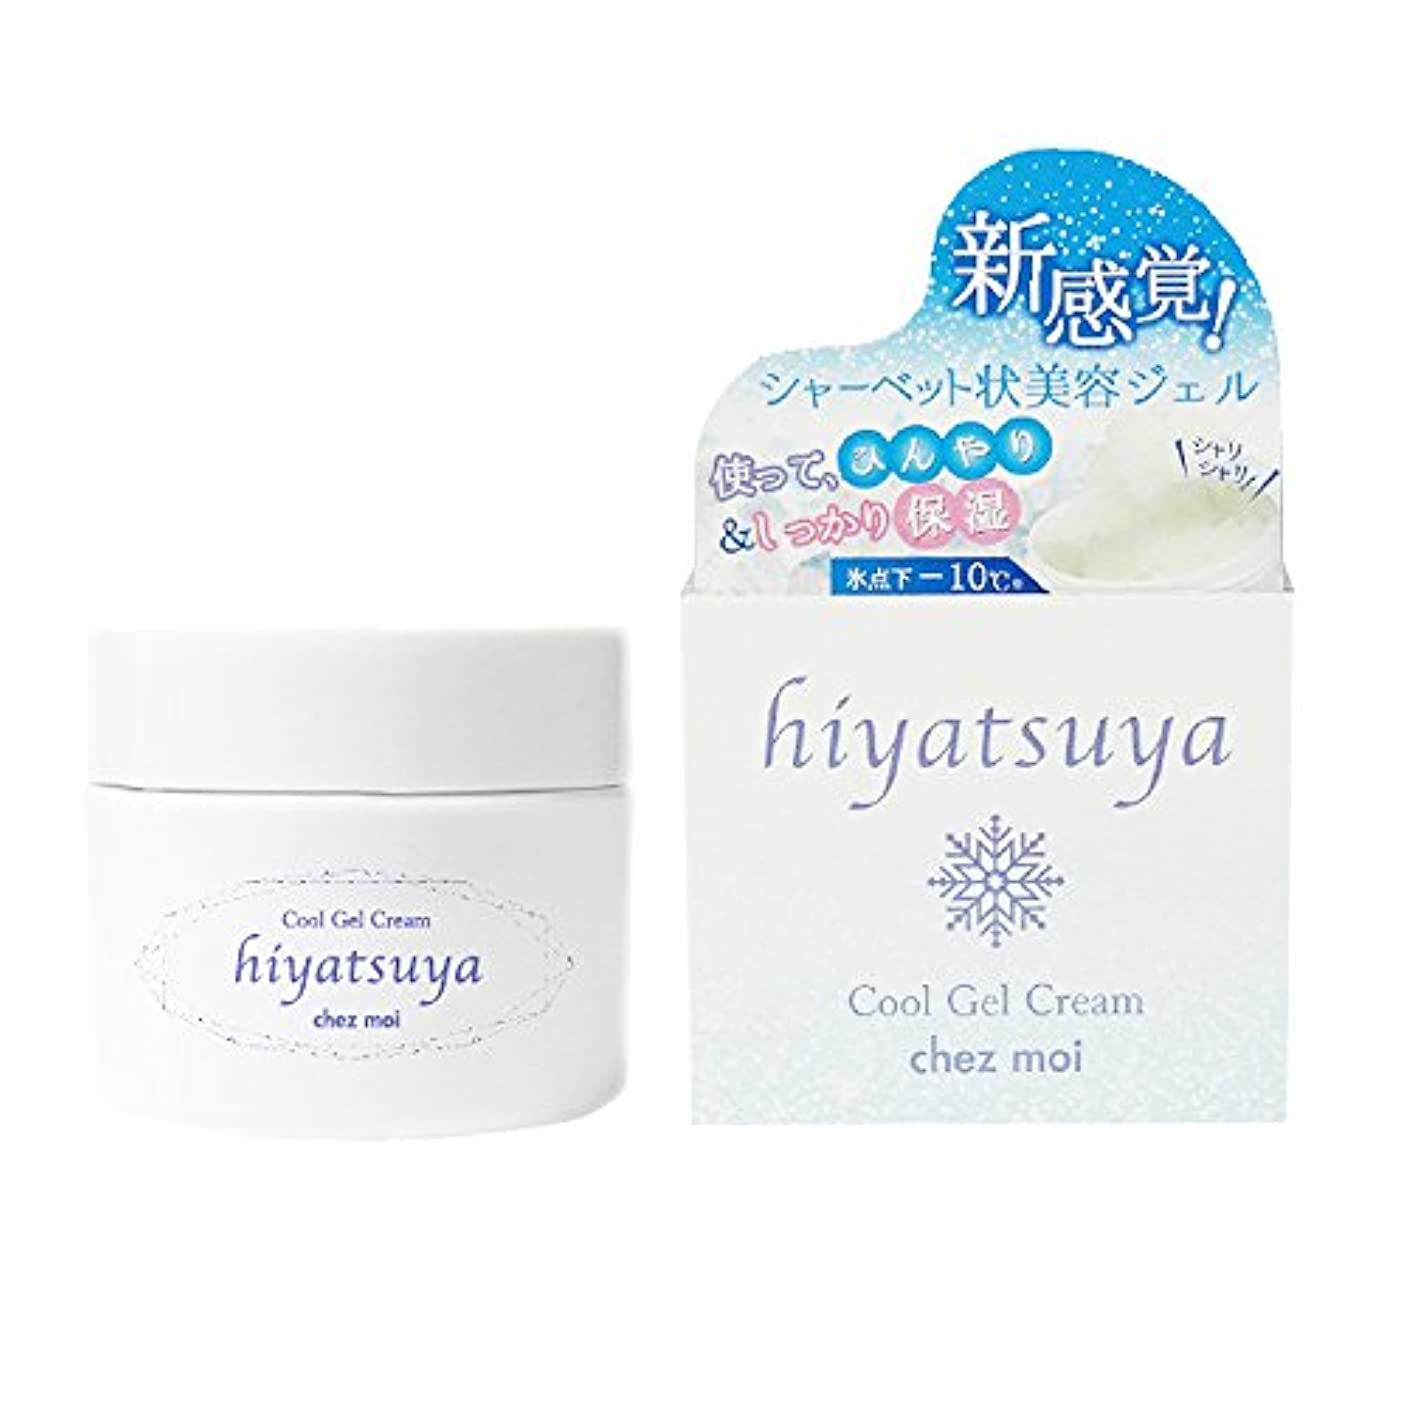 普通に塩蓋シェモア hiyatsuya(ヒヤツヤ) cool gel cream 70g